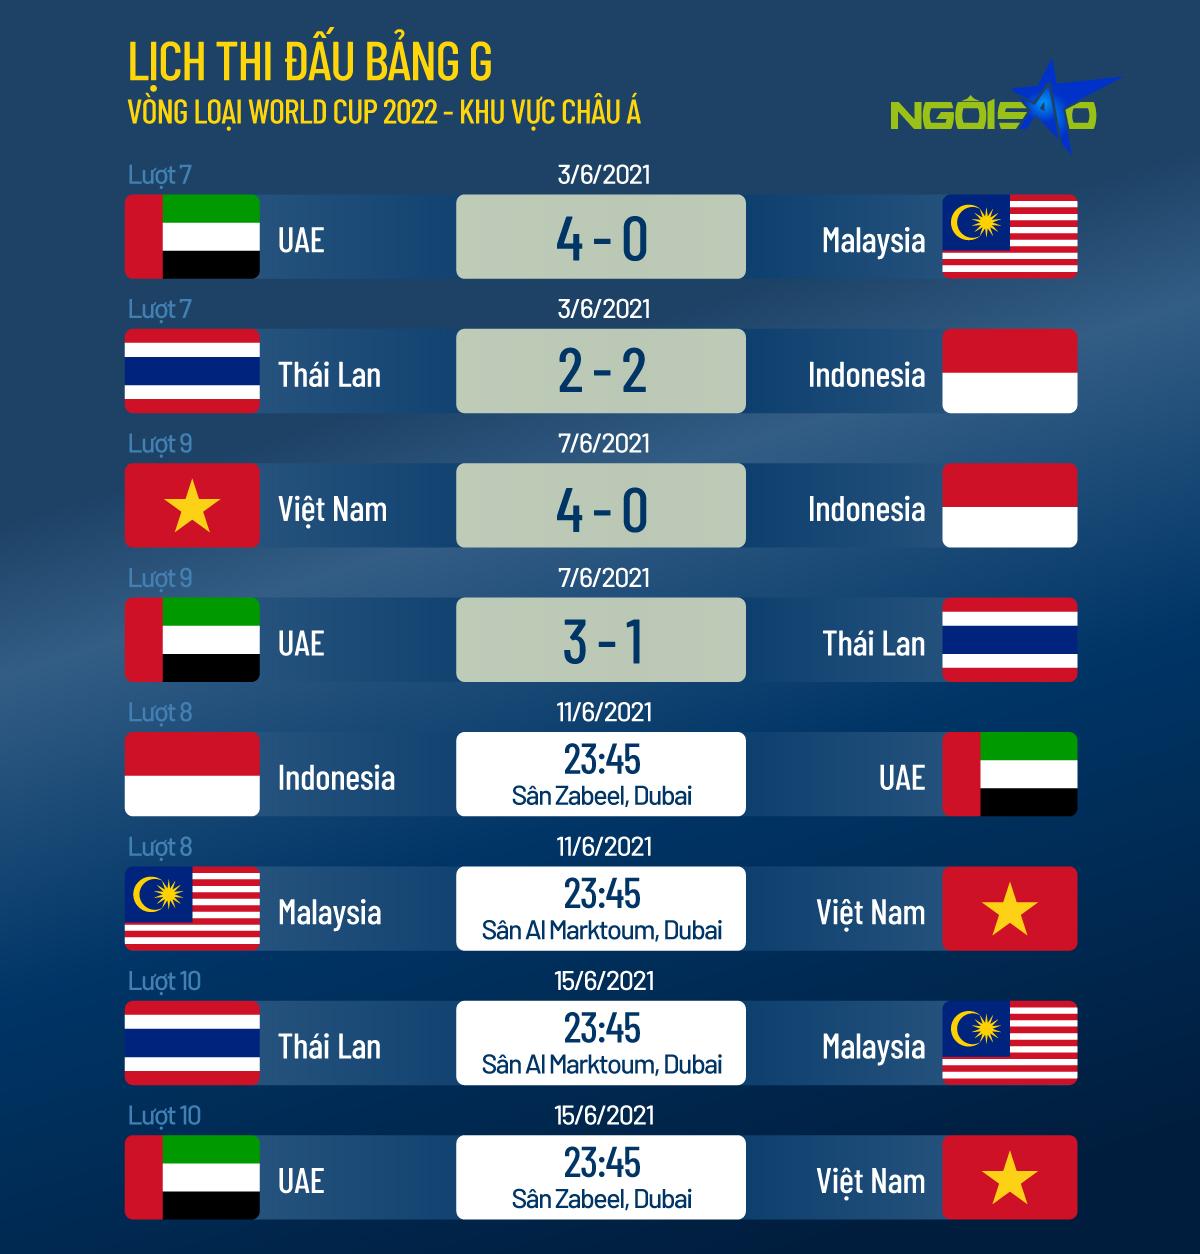 Cựu tuyển thủ Malaysia: Hãy để Việt Nam phải lo lắng - 3